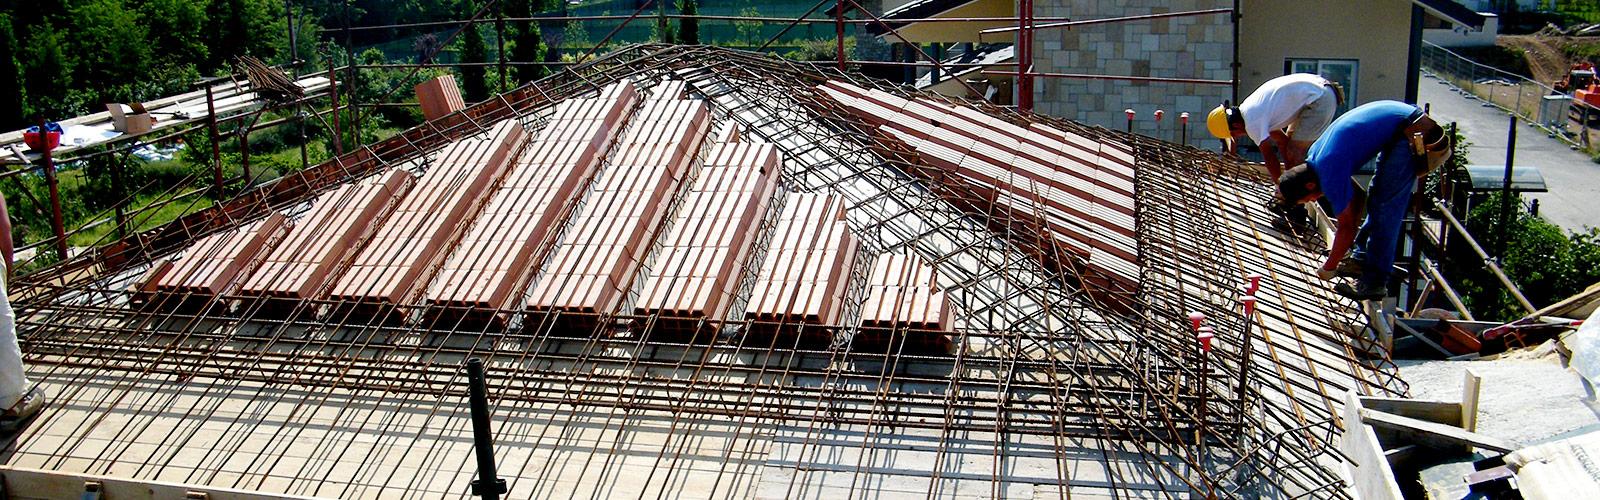 Csc rifacimento tetti